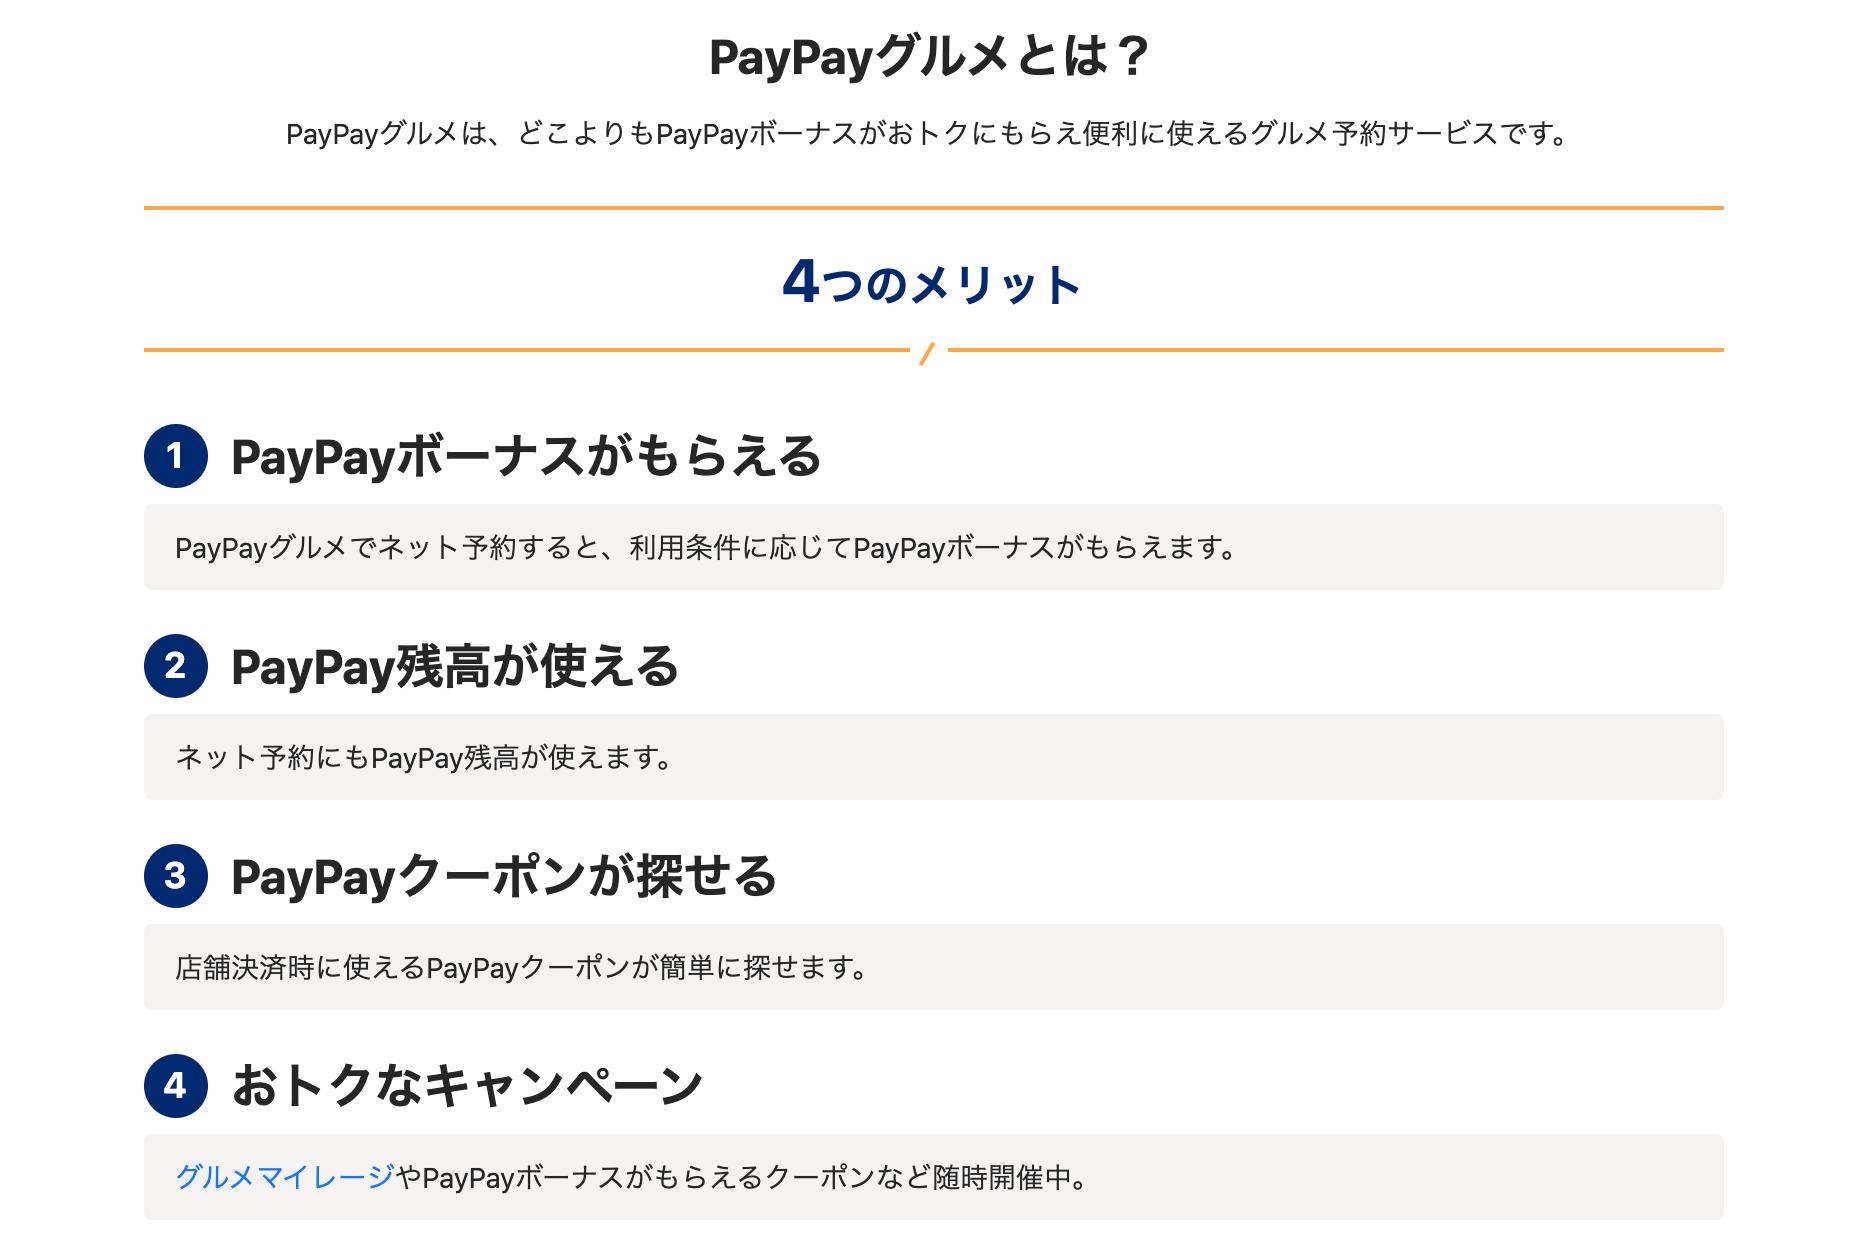 PayPayグルメがスタート!OPキャンペーンでクーポンをゲットできるぞ【10/27〜】